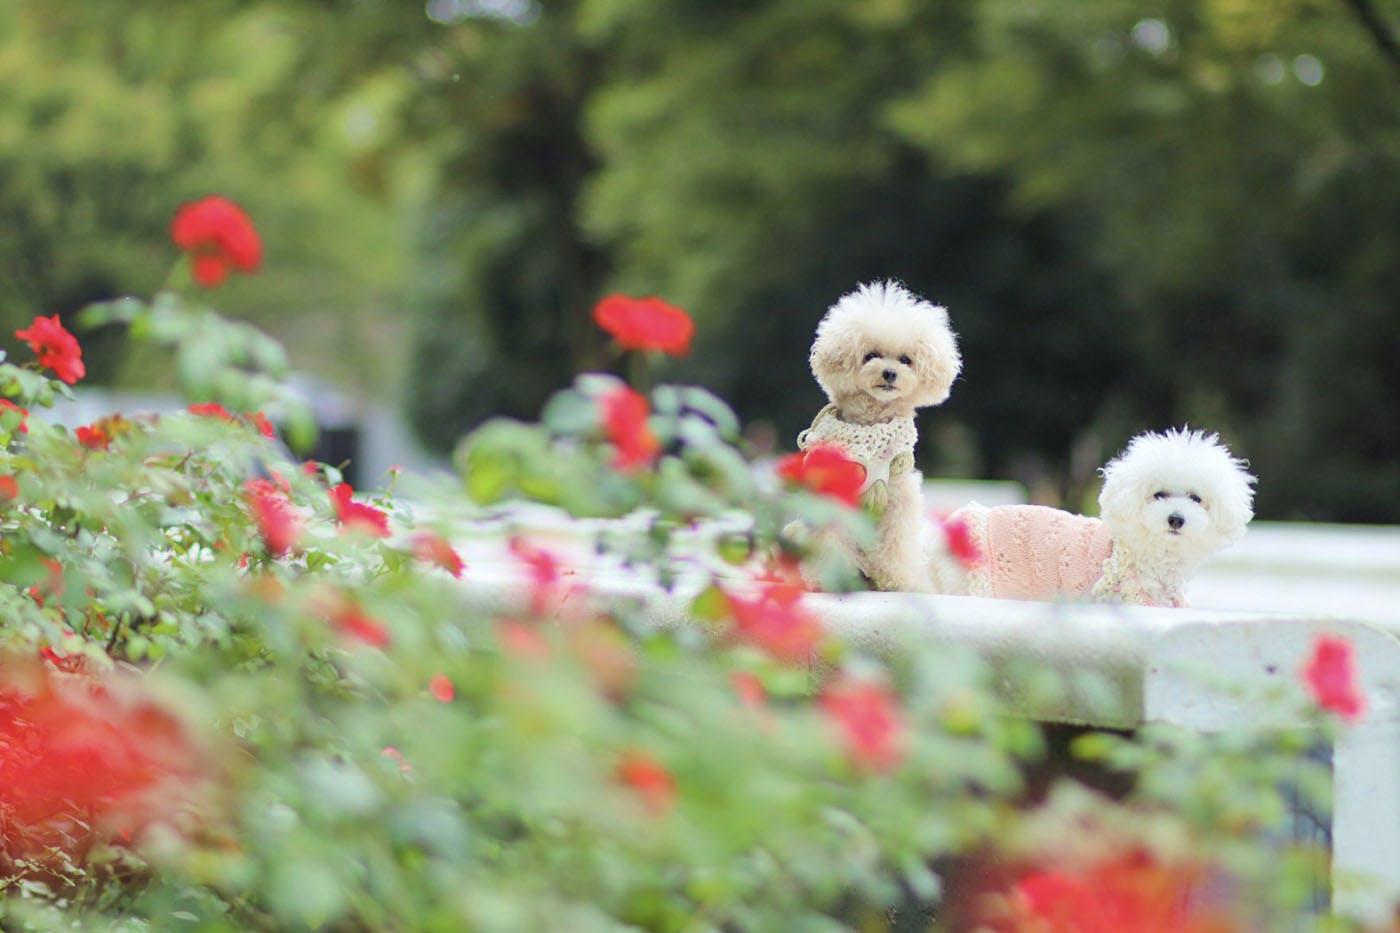 【代々木公園】愛犬とお出かけ♪ドッグランだけじゃないフォトジェニックな代々木公園